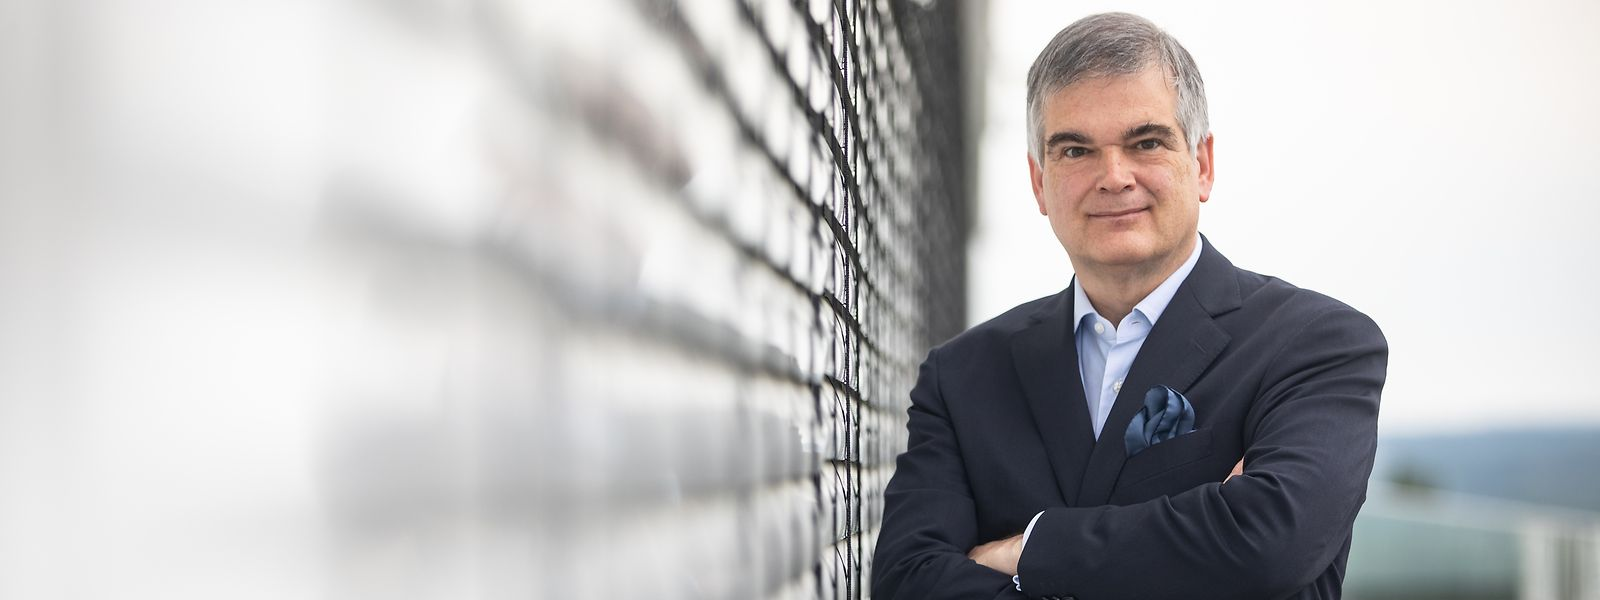 Selon Claude Marx, directeur de la CSSF, aucun «signe d'alerte d'une crise financière» n'est en vue pour l'heure.